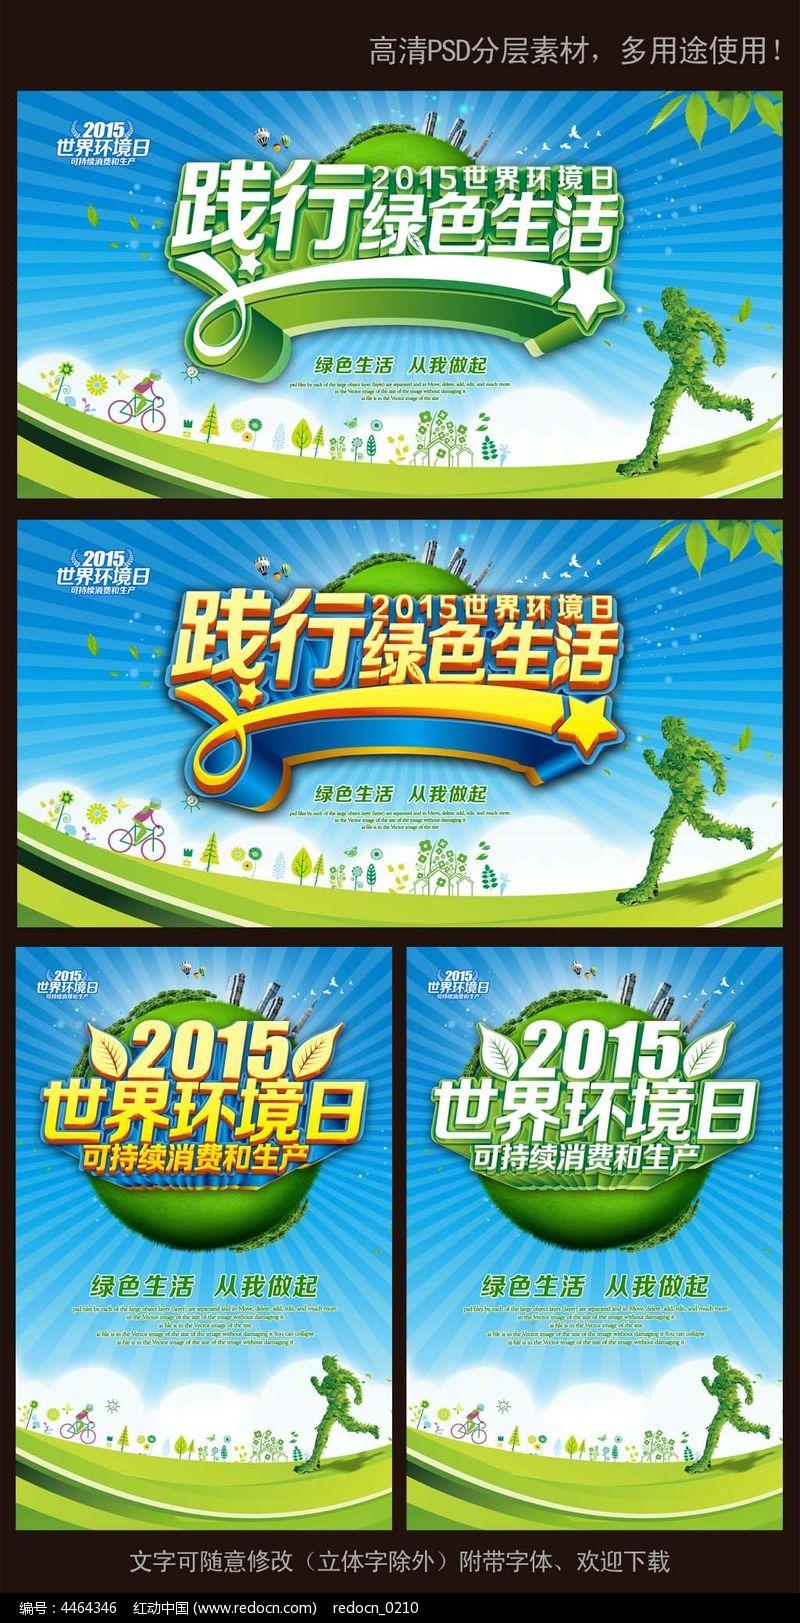 2015世界环境日宣传展板设计图片